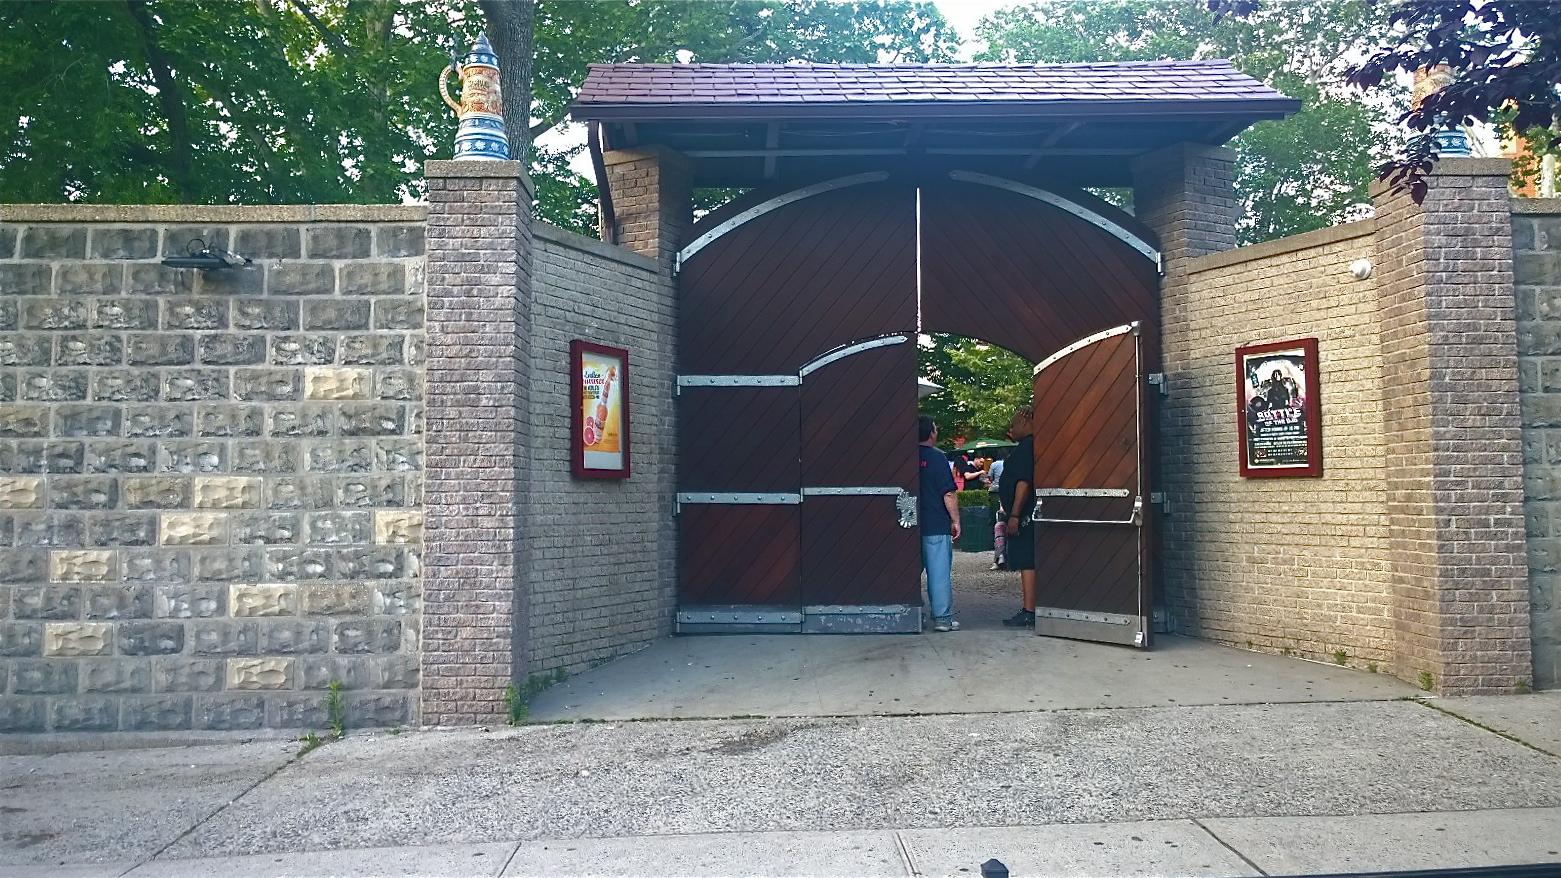 bohemian hall u0026 beer garden e a t e r y r o w